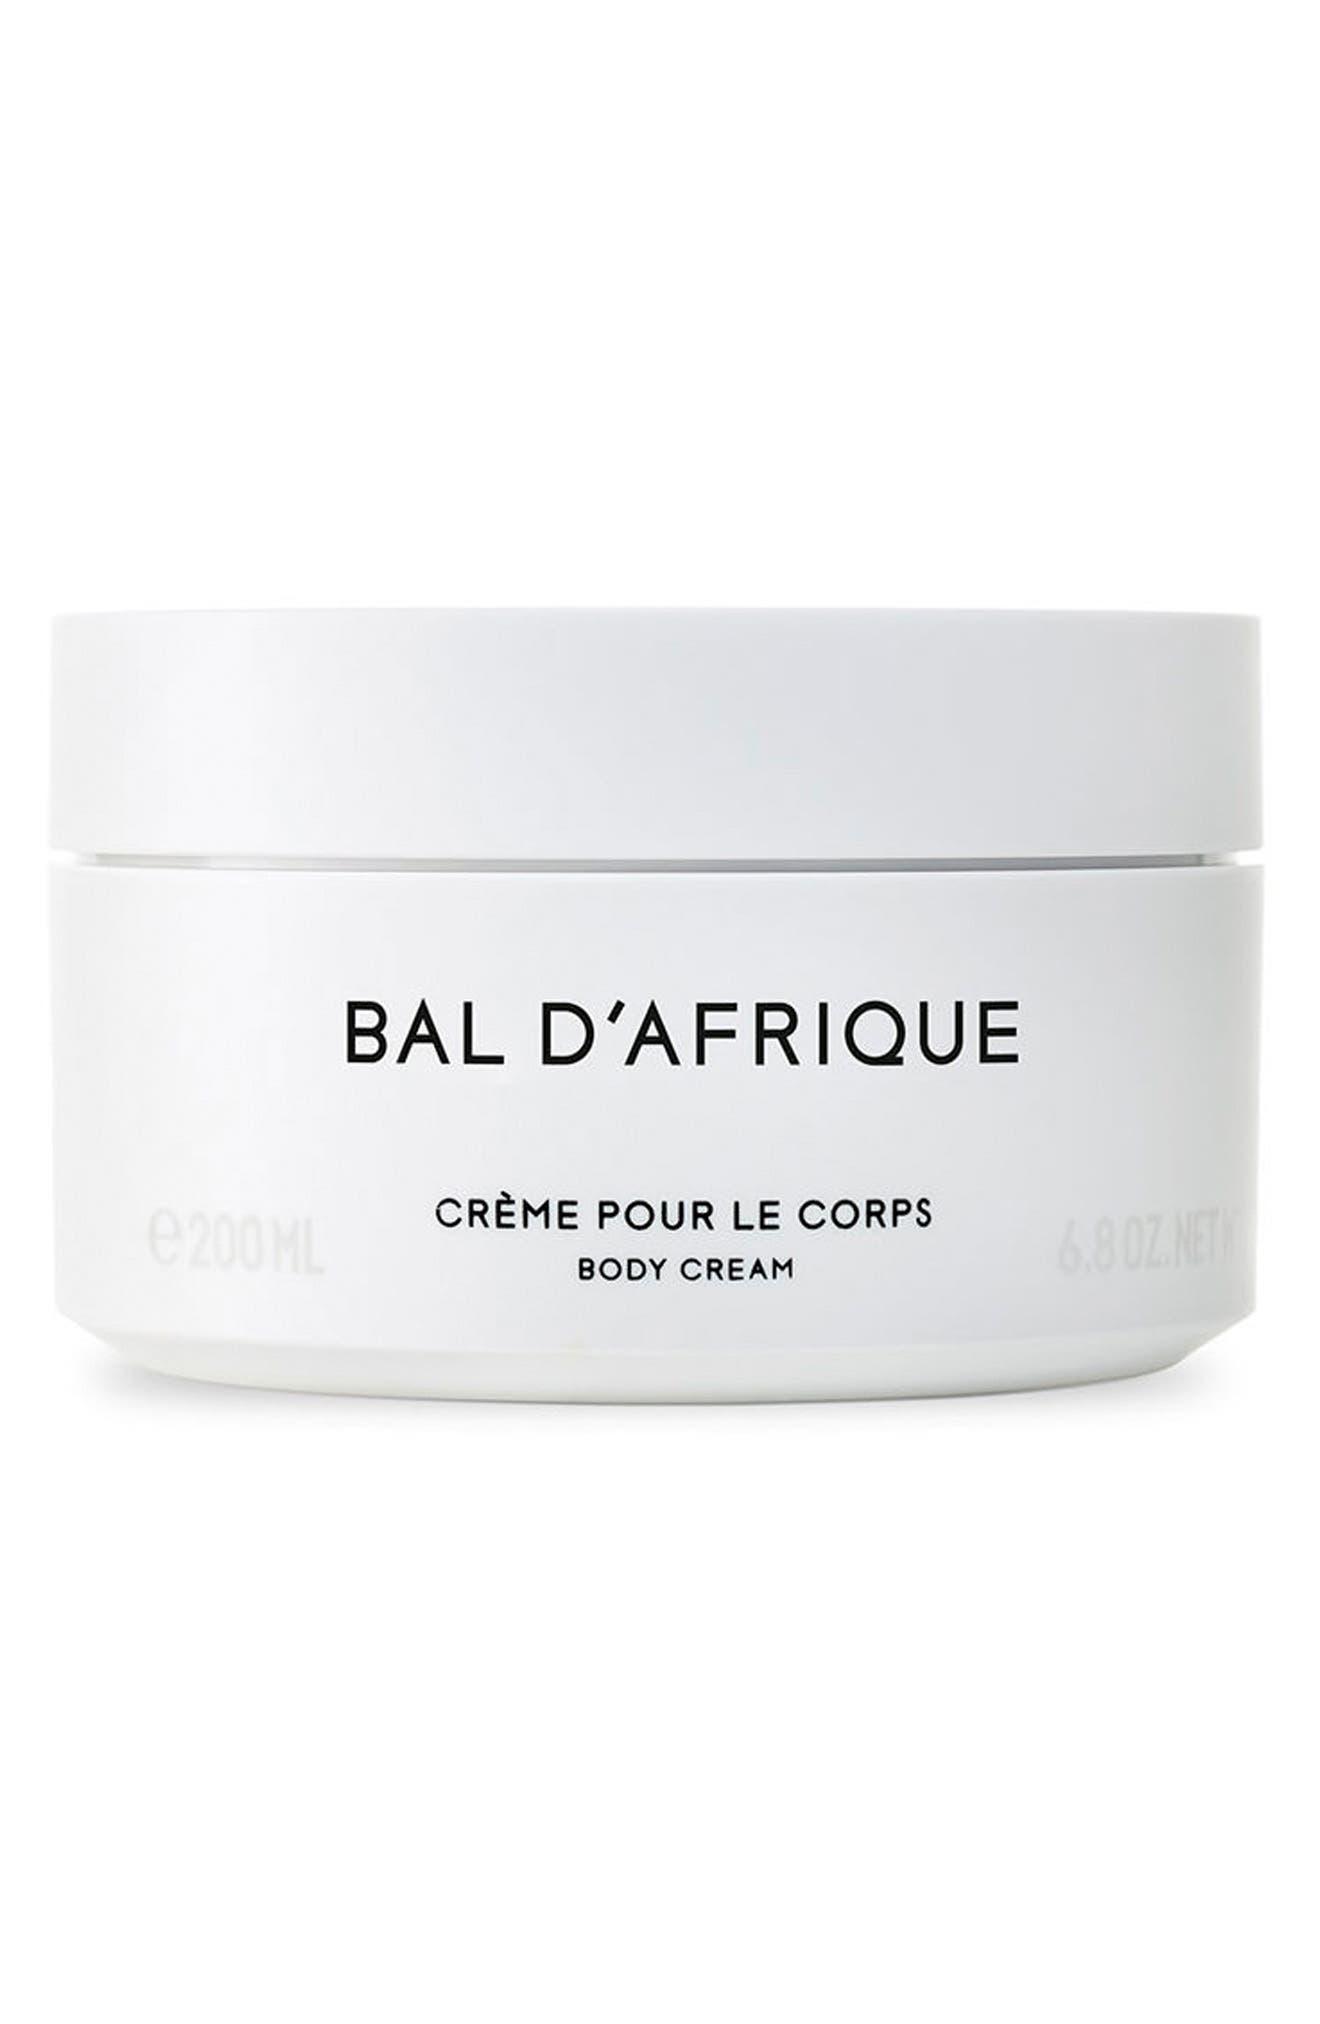 Bal d'Afrique Body Cream,                             Main thumbnail 1, color,                             NO COLOR